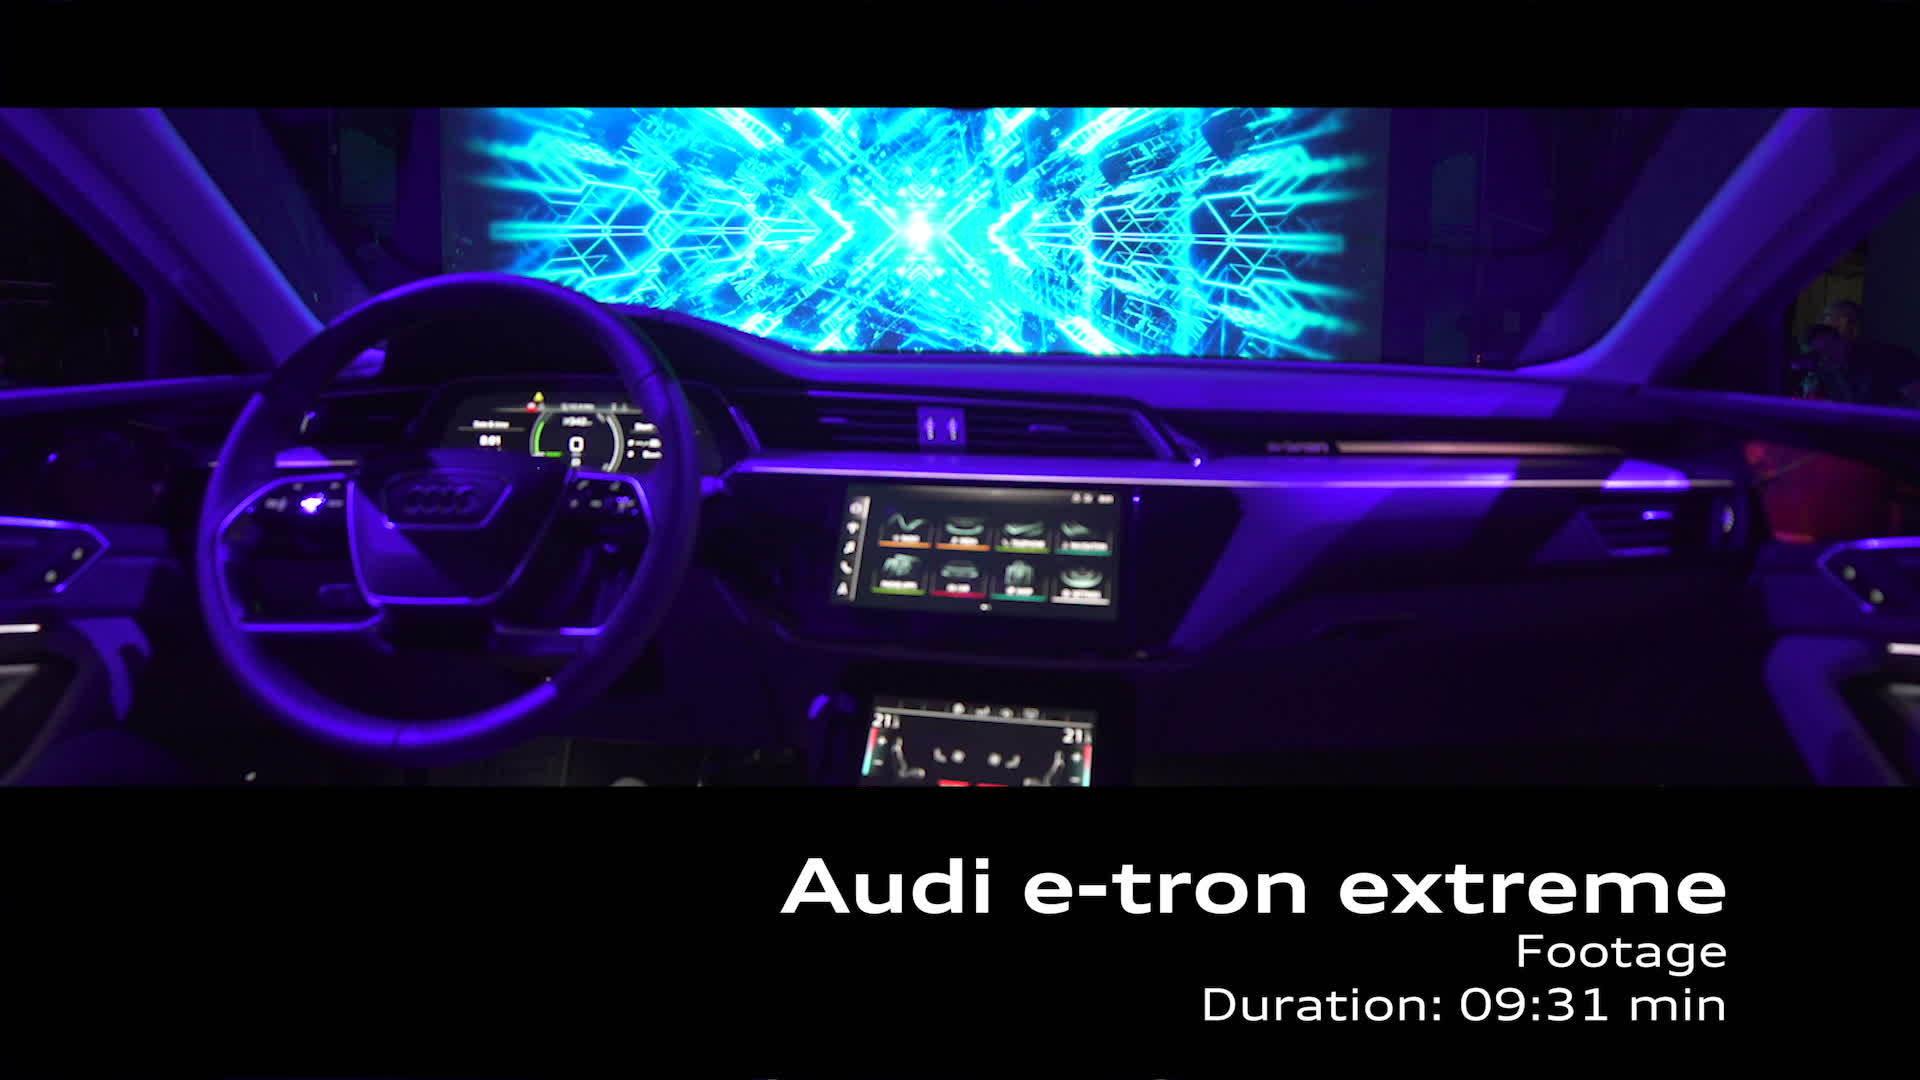 Audi e-tron extreme Footage